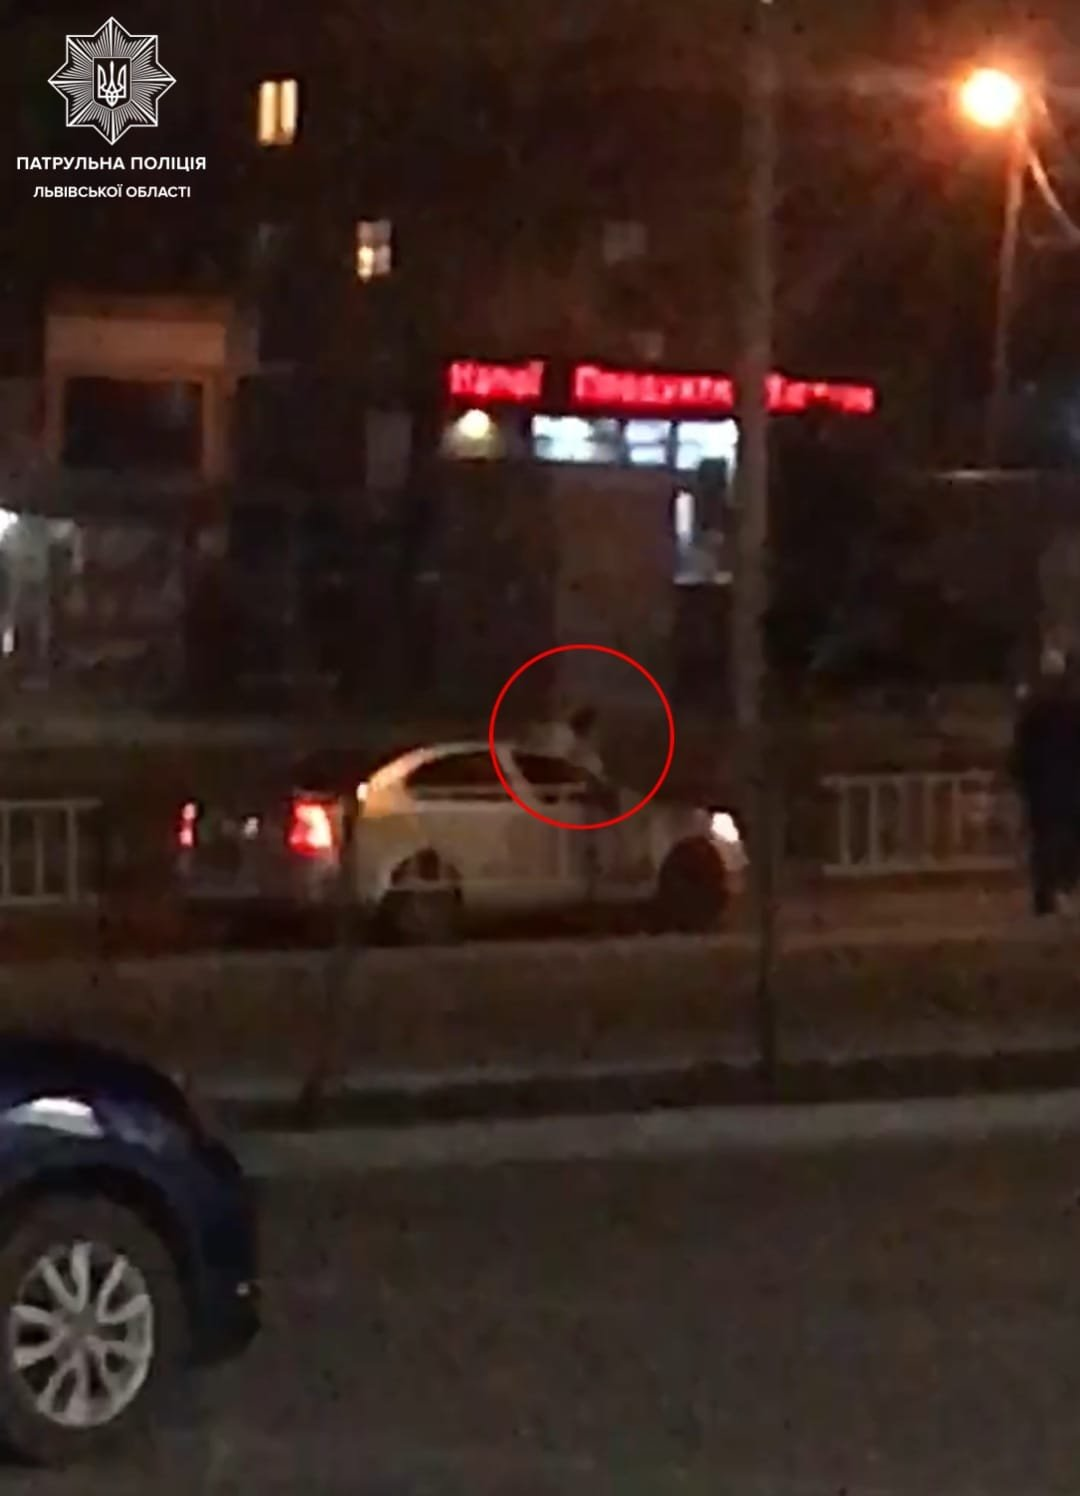 Чоловік у стані наркотичного сп'яніння стрибав на автомобілі під час руху, стоп-кадр з відео очевидців